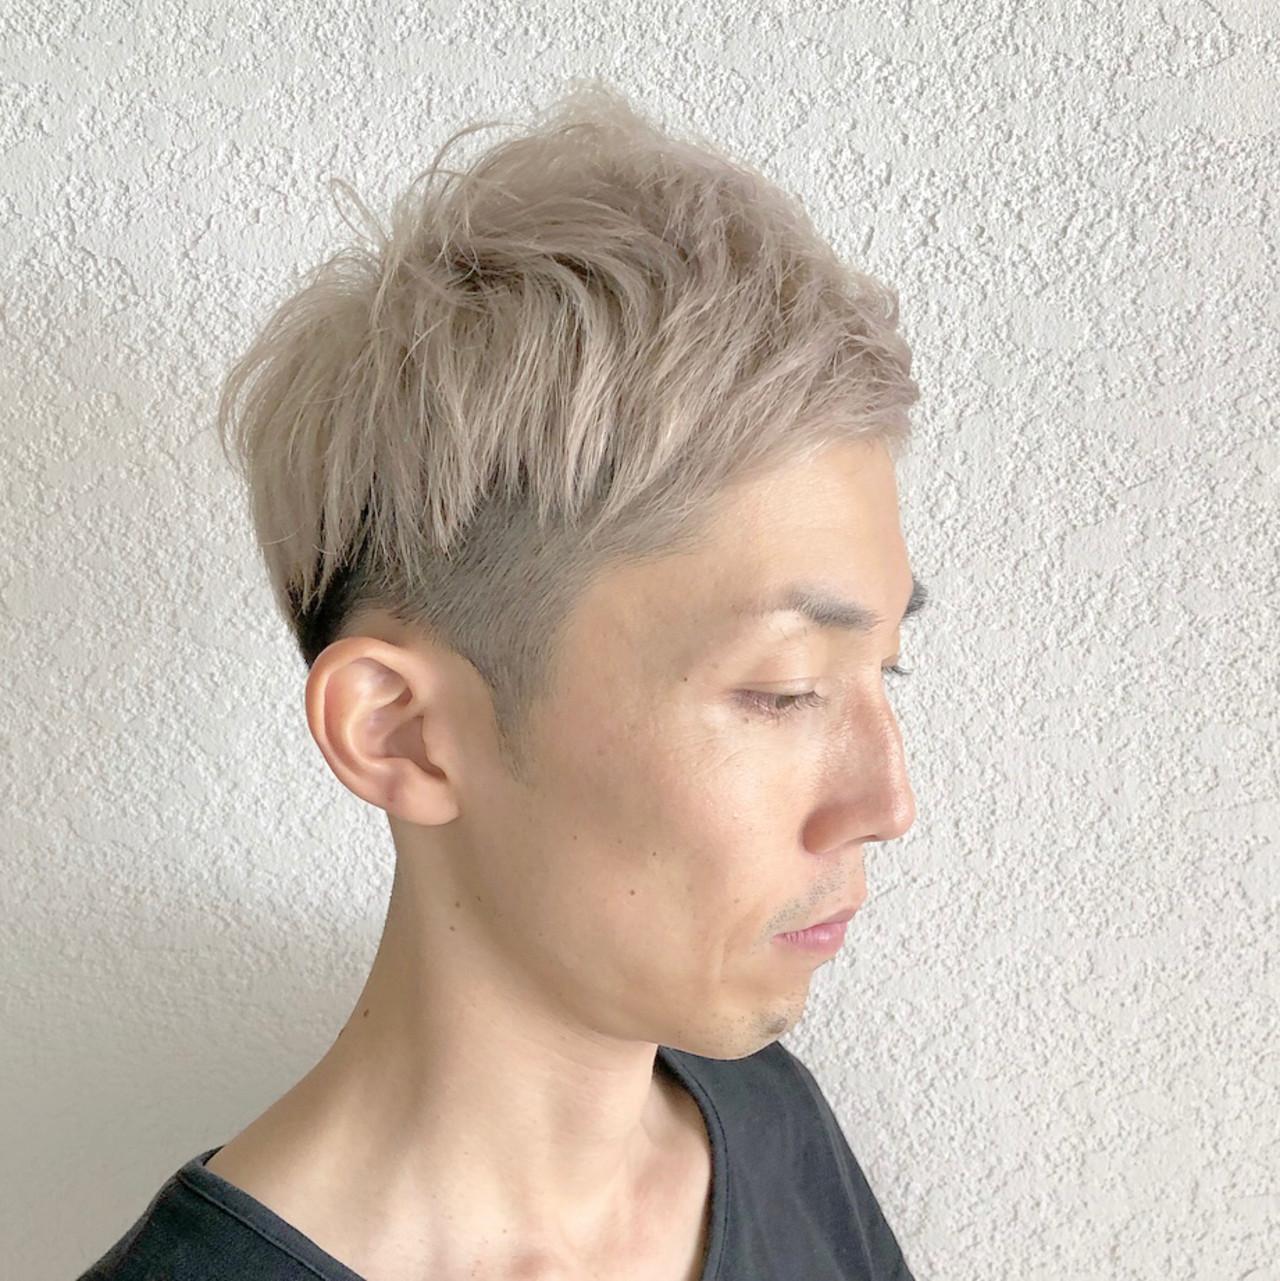 メンズショート ストリート ホワイト ショート ヘアスタイルや髪型の写真・画像